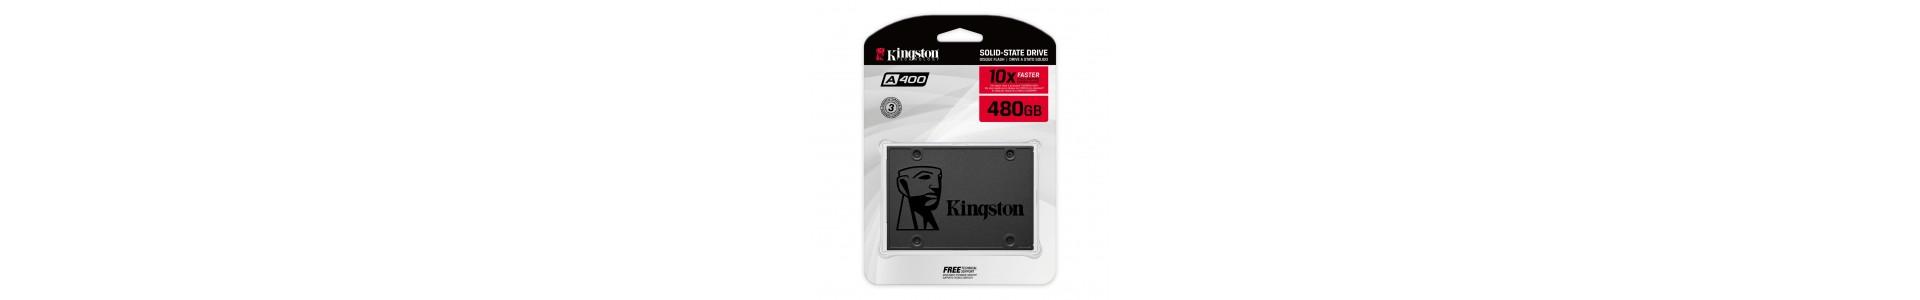 SSD 480GB